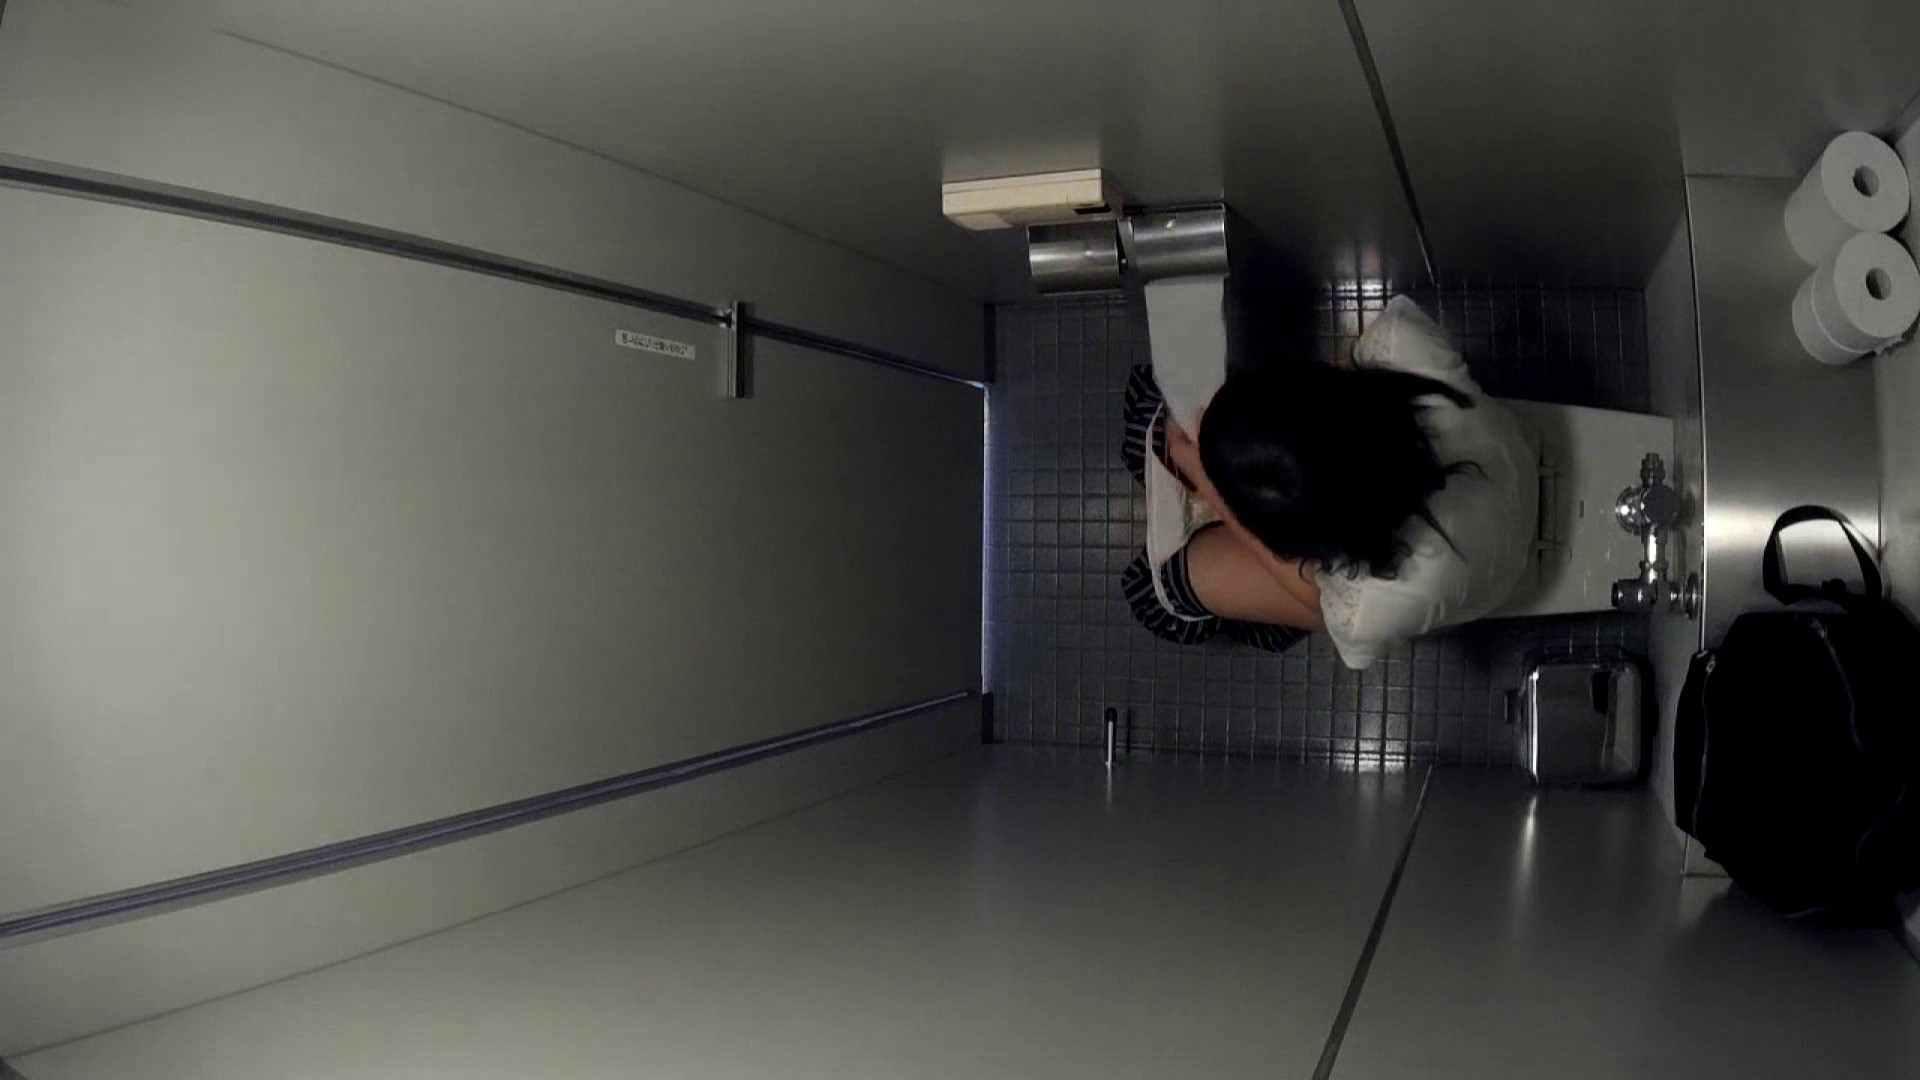 有名大学女性洗面所 vol.45 冴え渡る多方向撮影!職人技です。 投稿   潜入画像  61画像 4